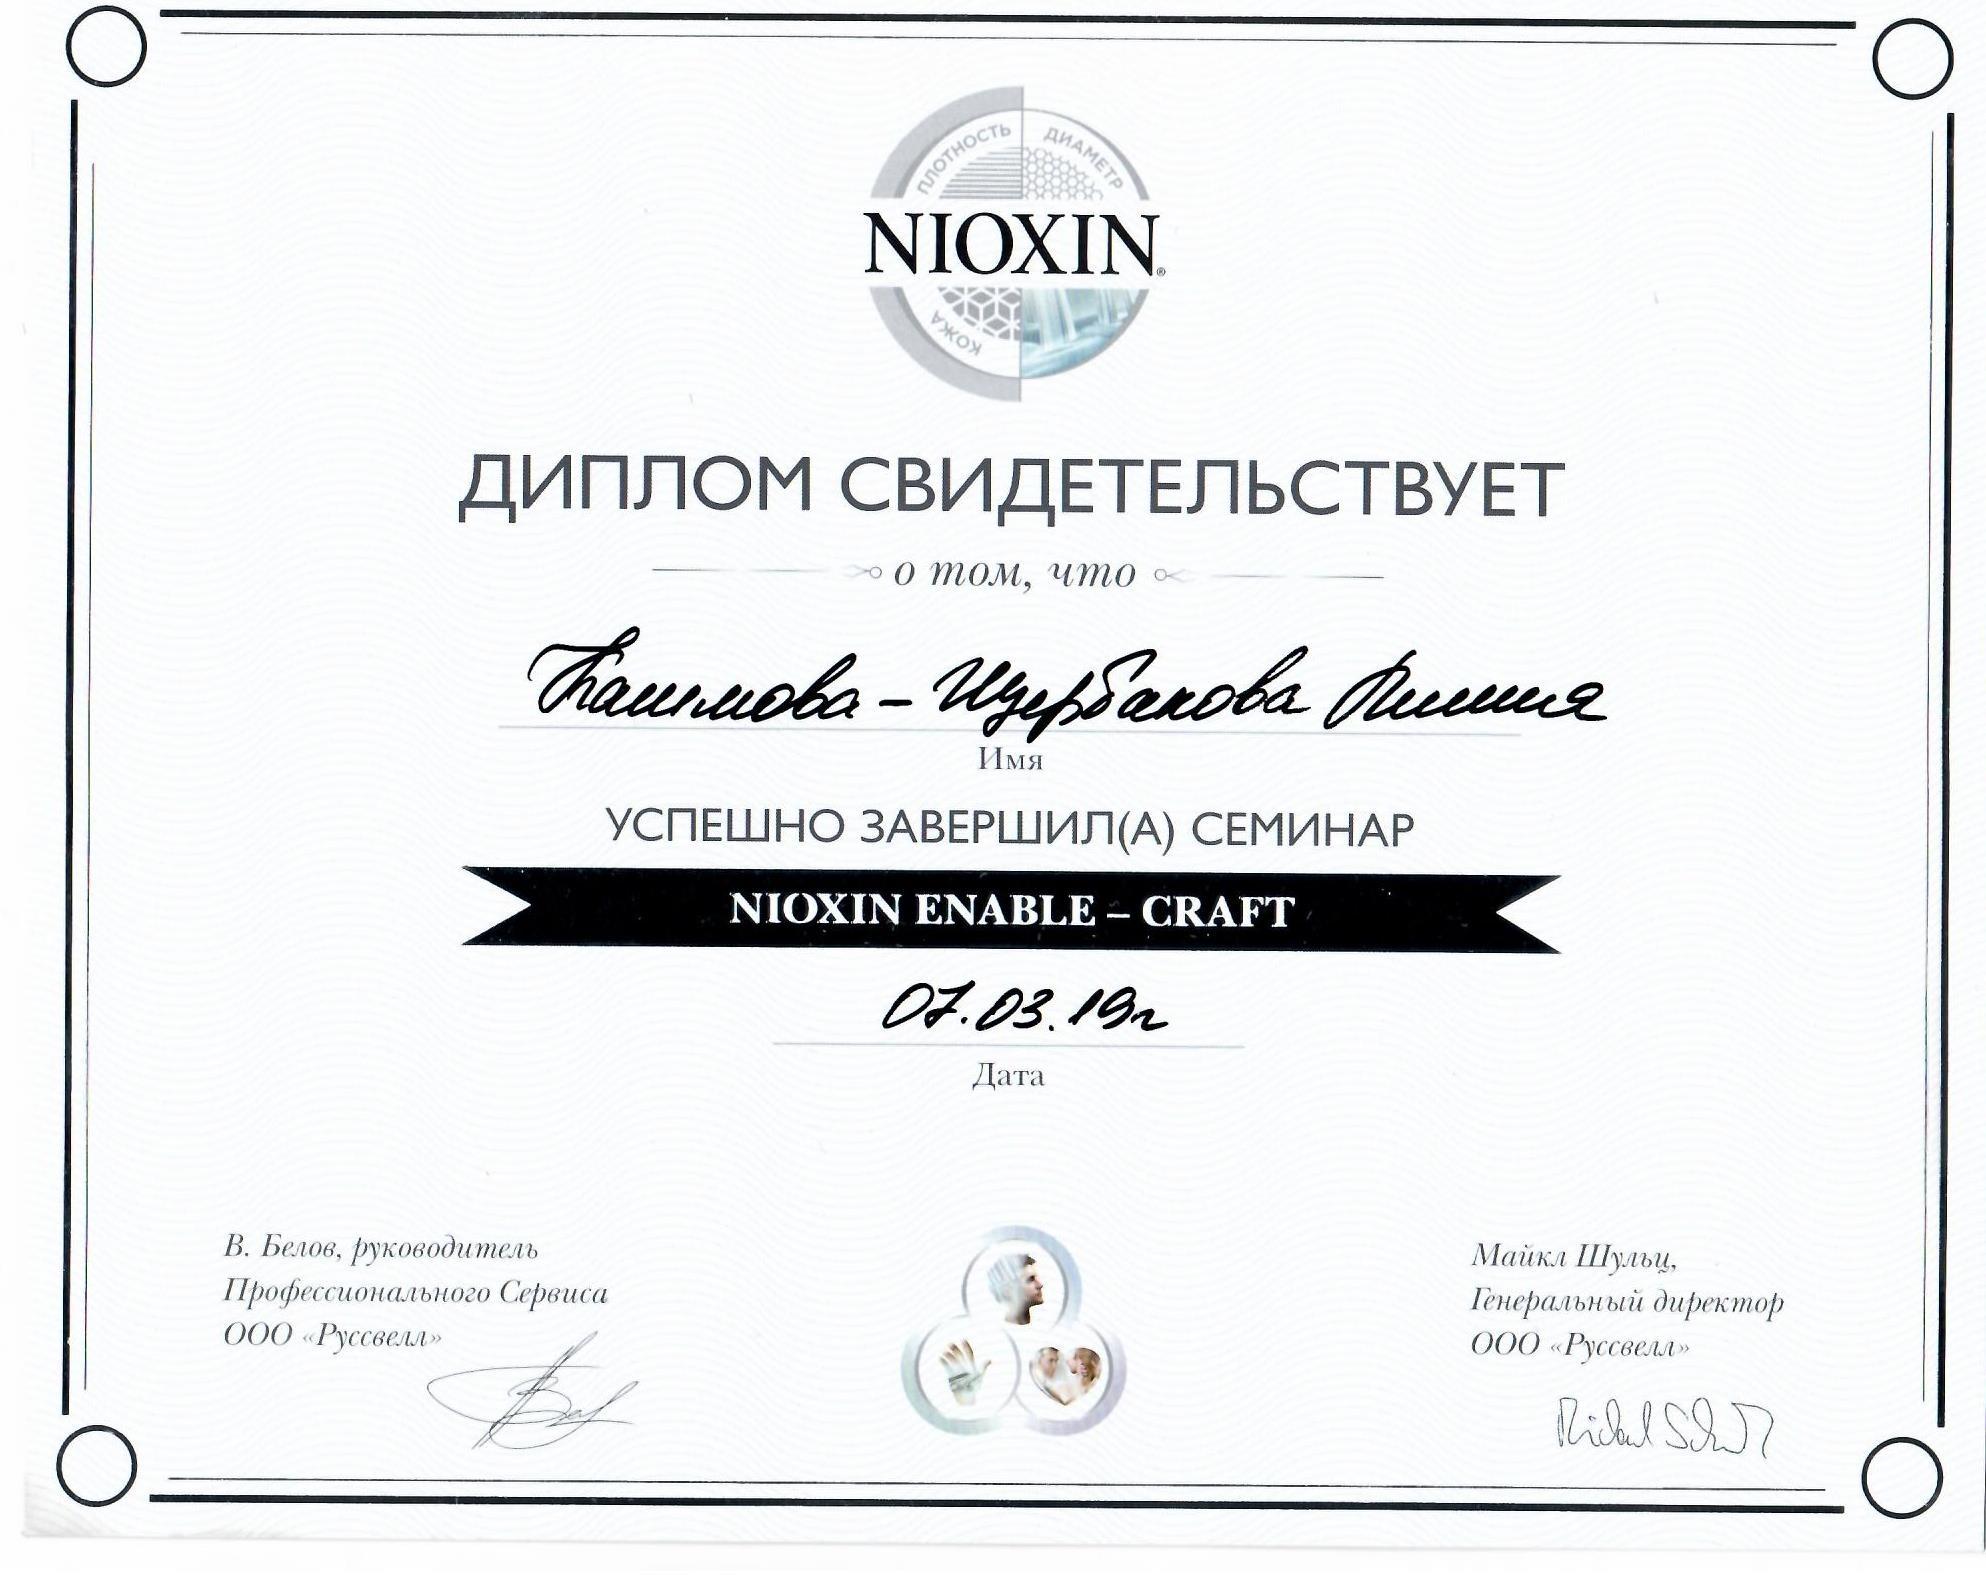 2019-3 nioxin